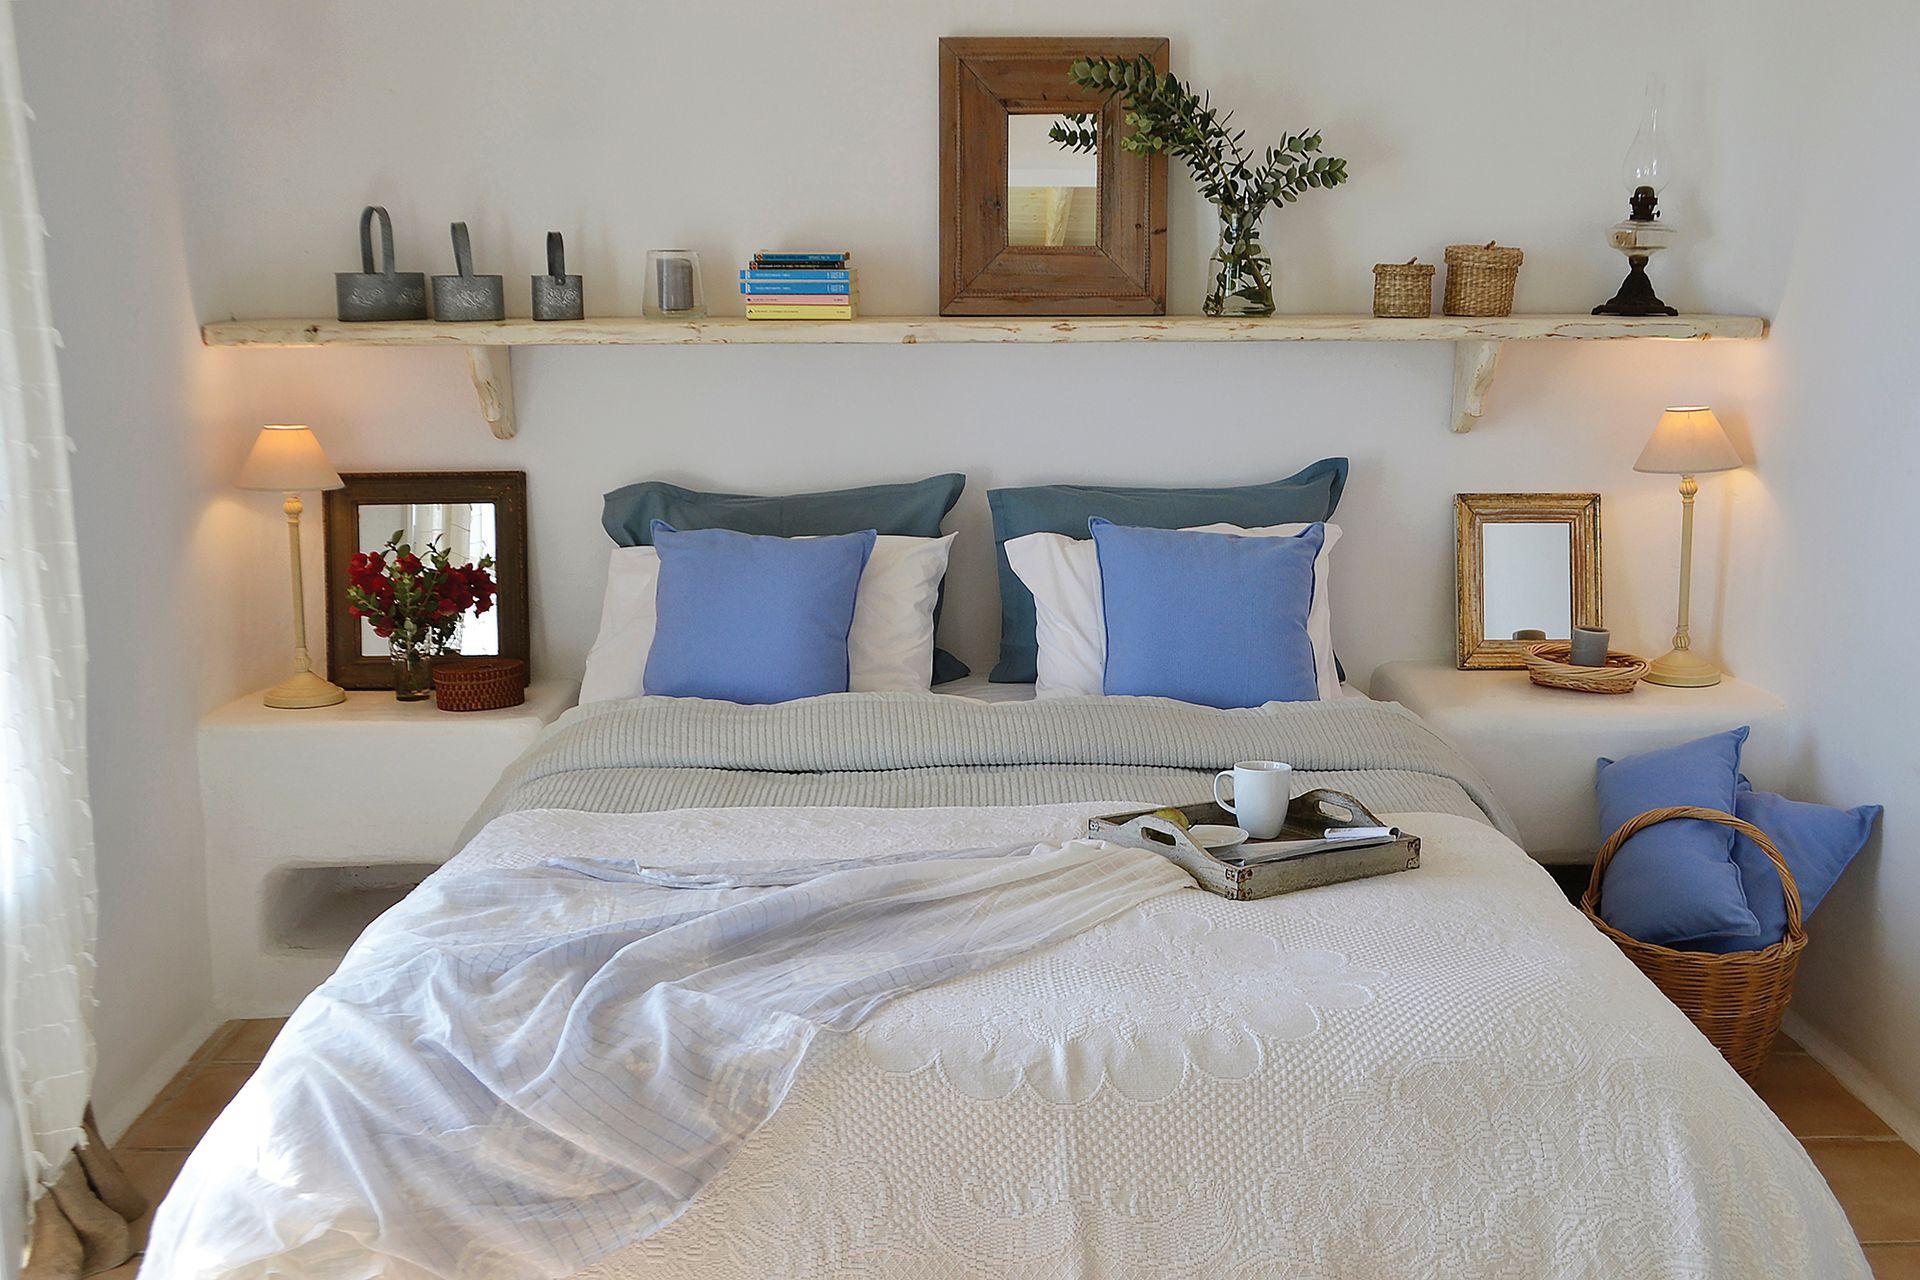 La misma idea de la suite se llevó a uno de los cuartos de los chicos, solo que jugando con la paleta del azul.